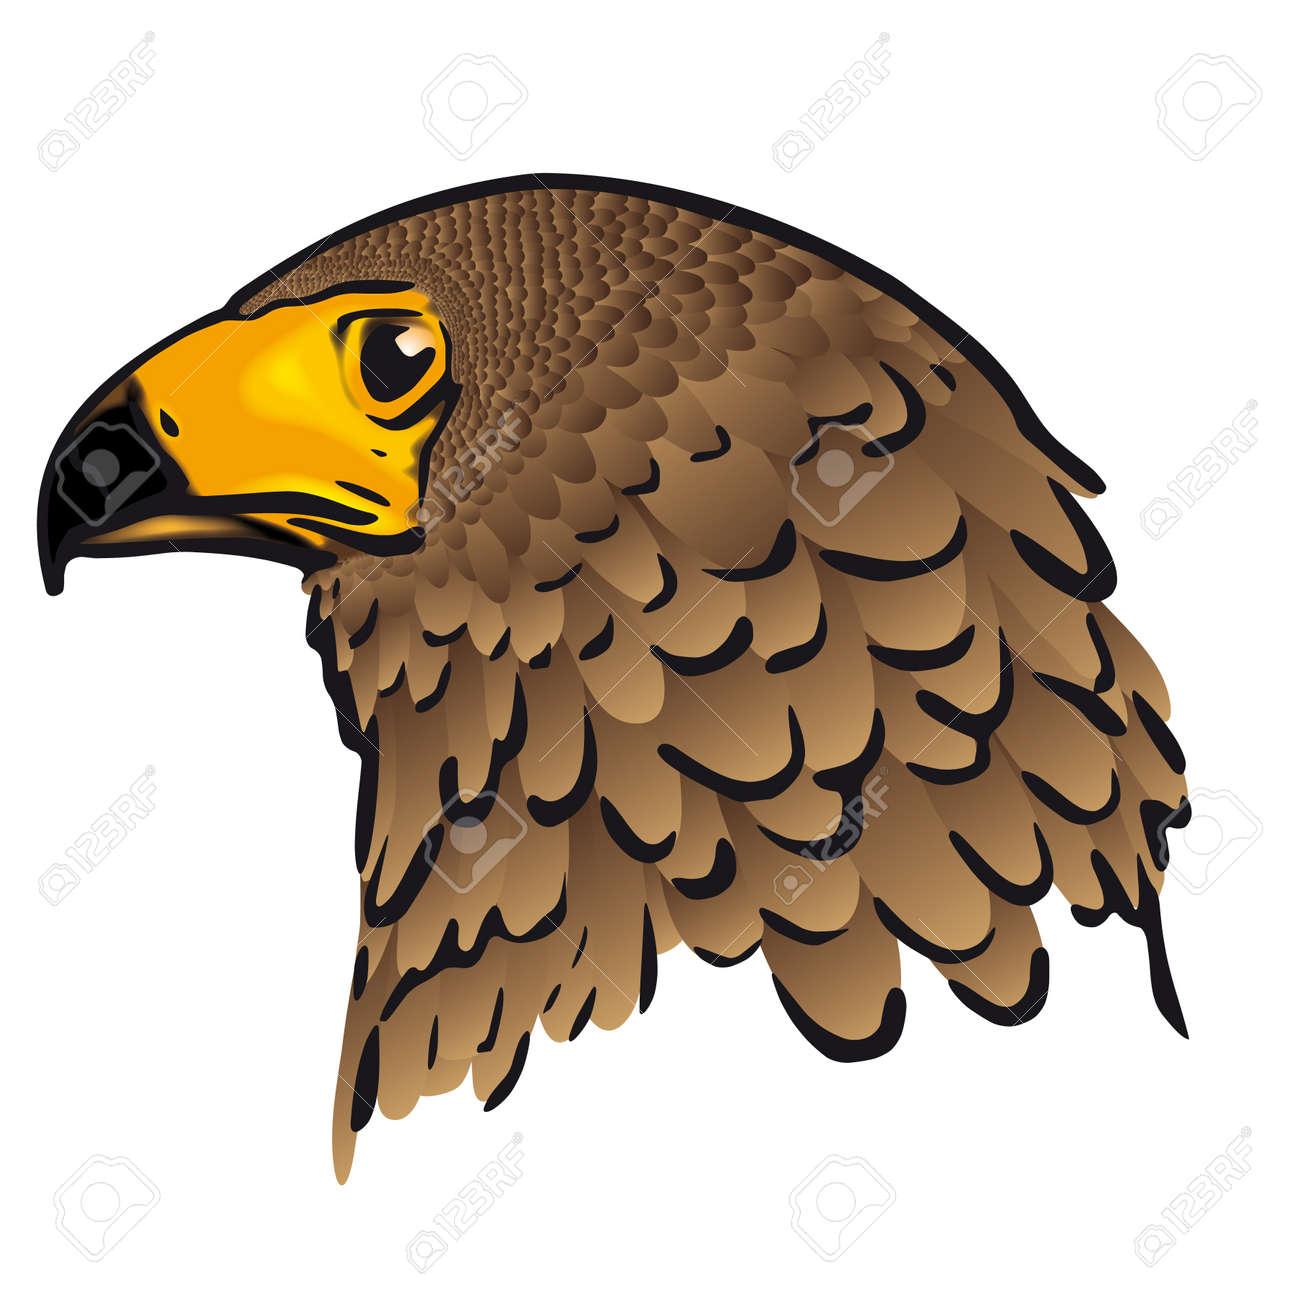 Eagle head - 10726271